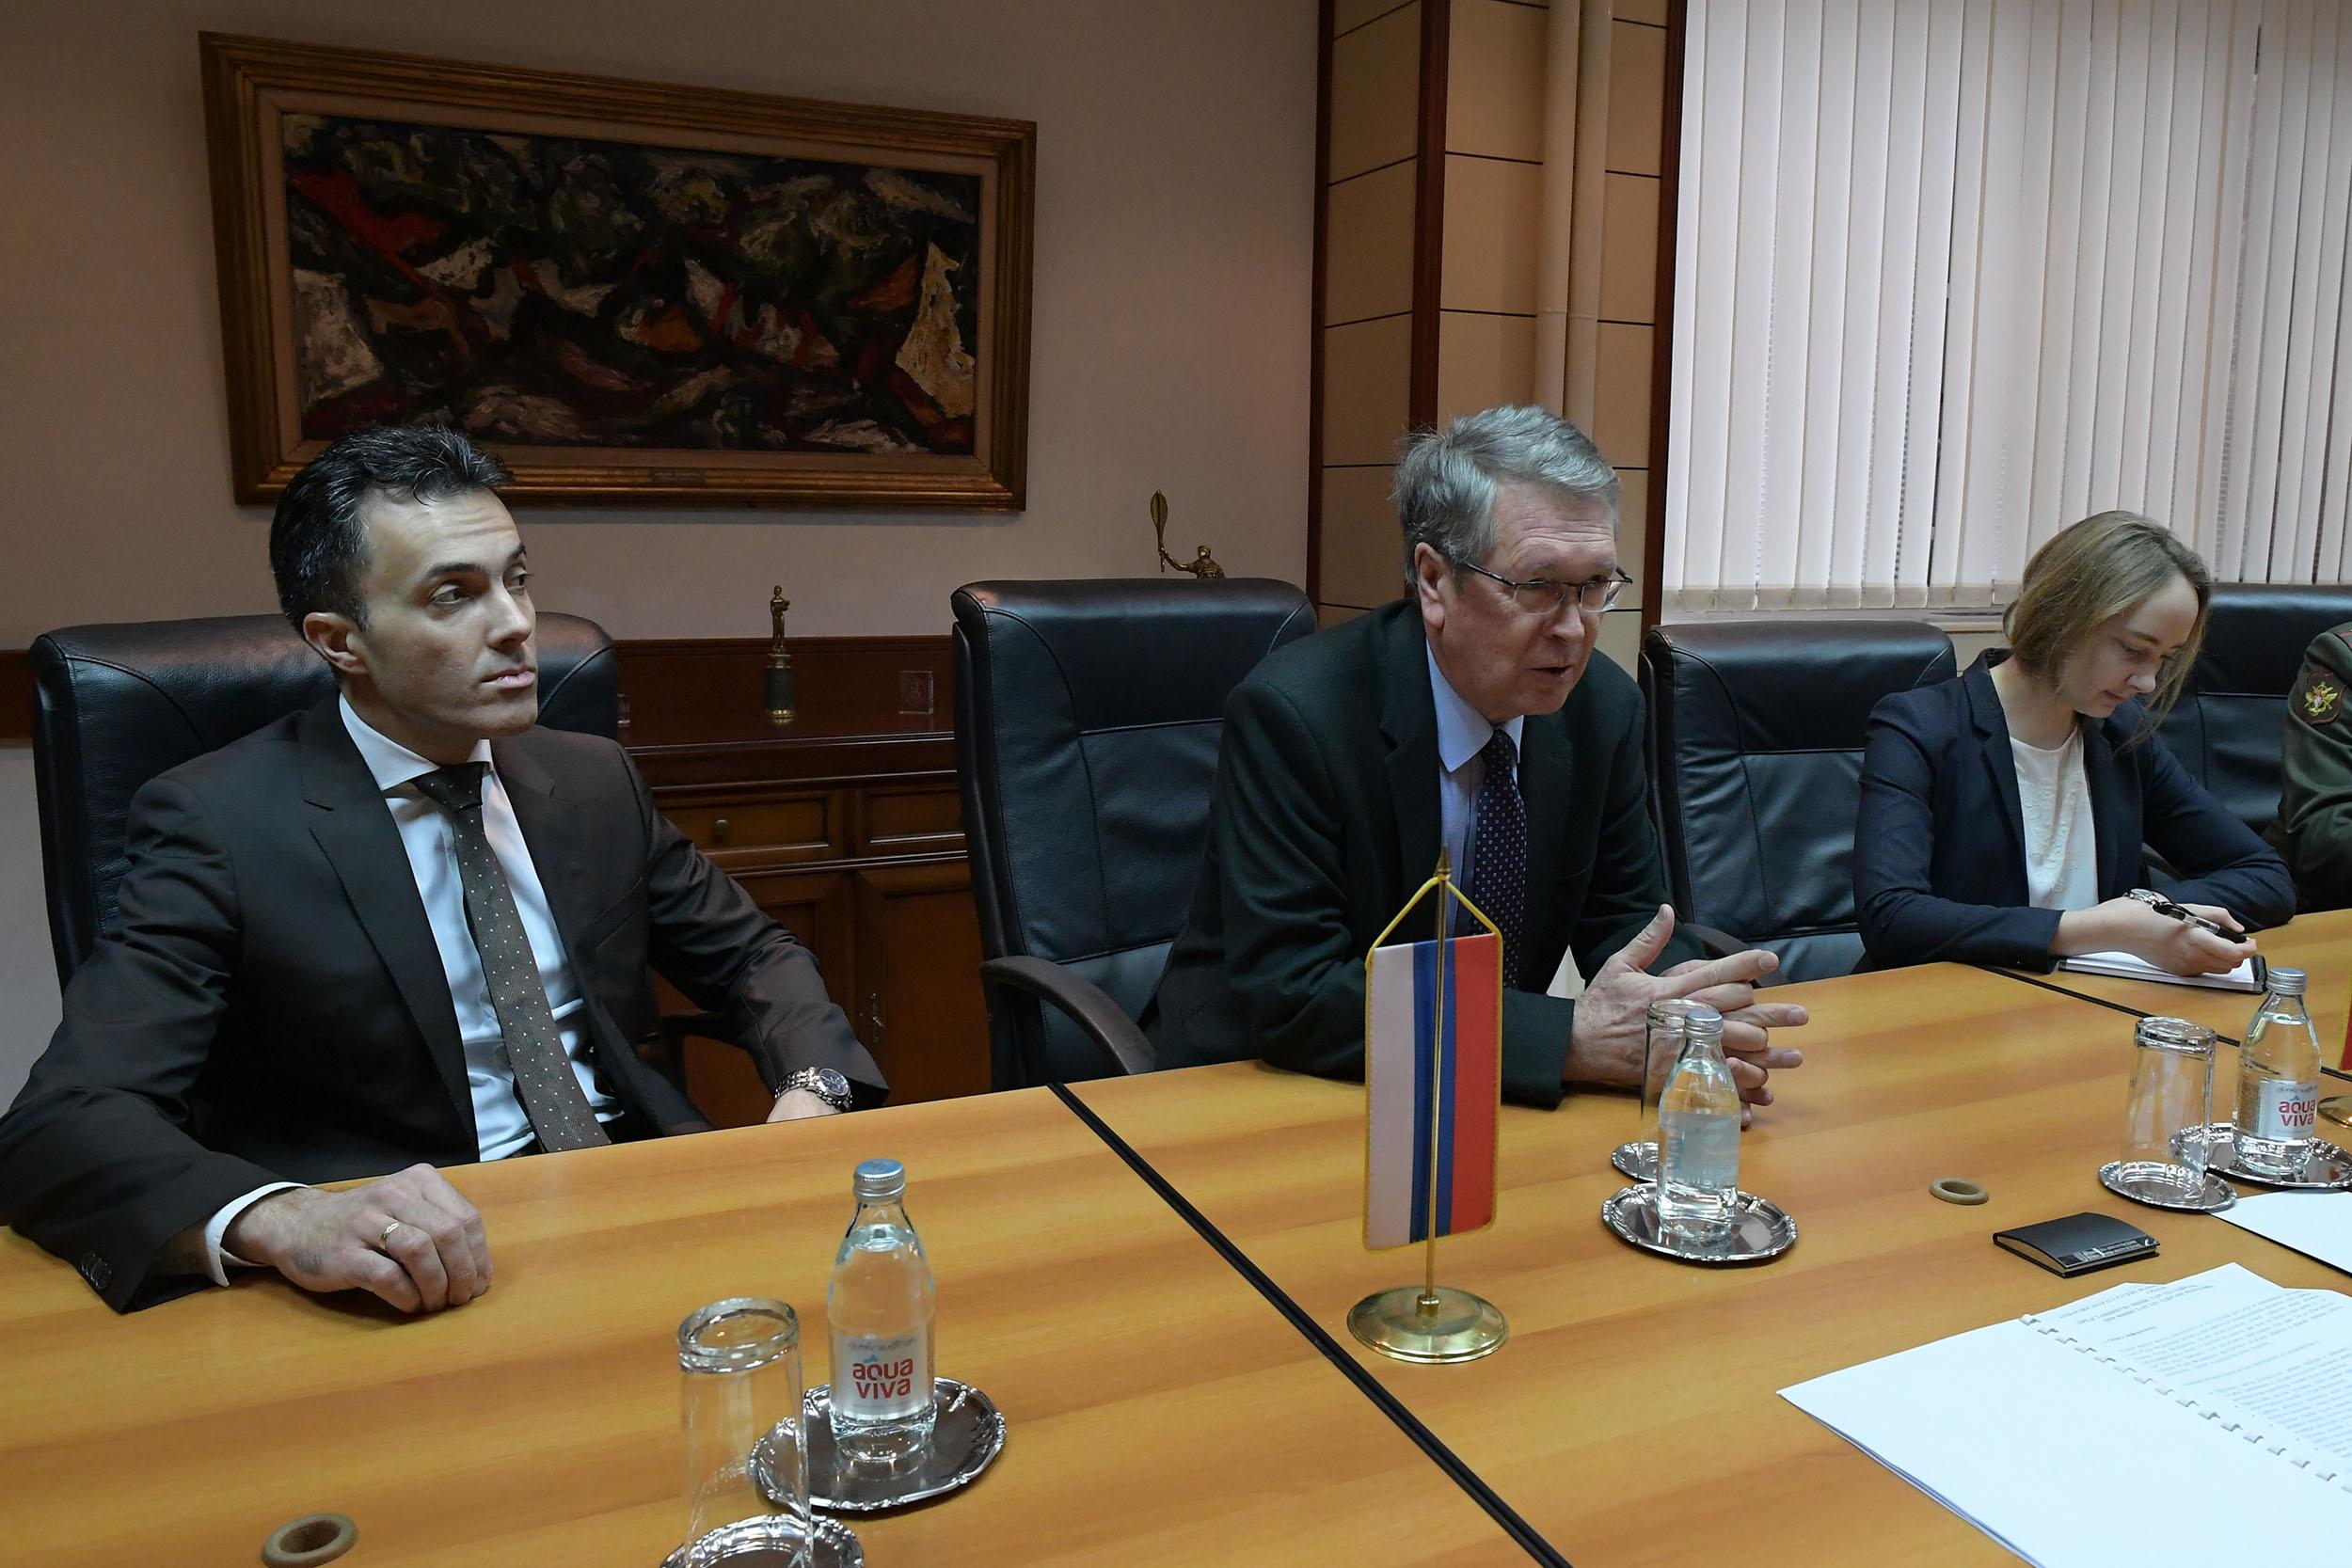 Доследна подршка позицији Србије у СБ УН-у кад год је њен интерес угрожен